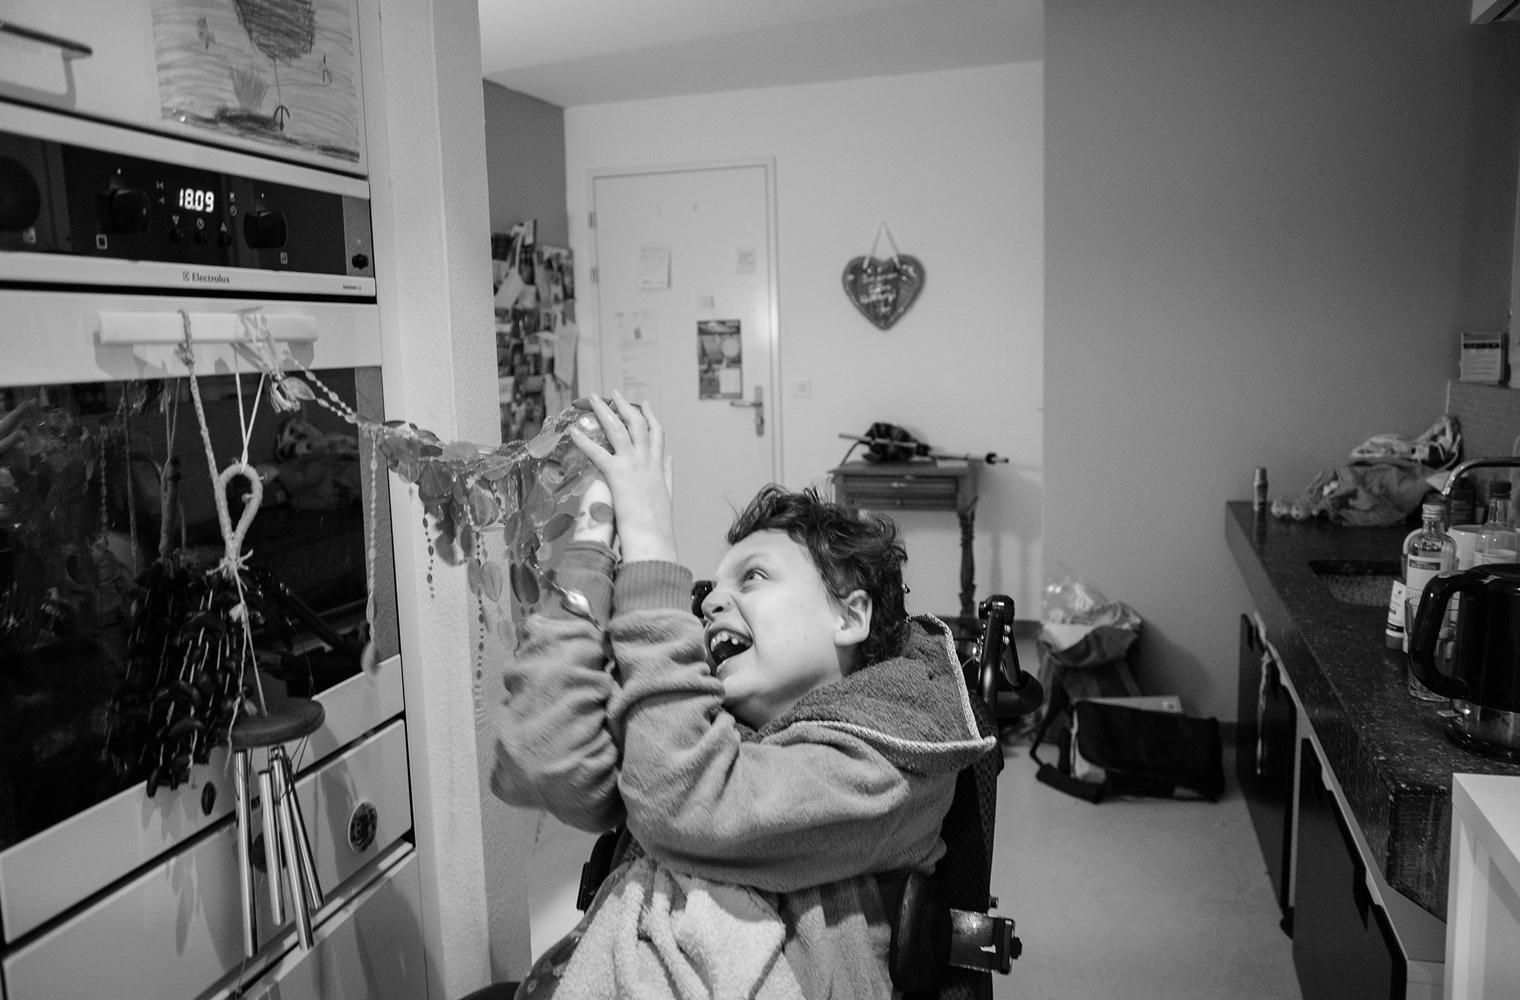 Der im Rollstuhl sitzende Yorick zieht mit freudigem Gesicht an Raschelketten, die in seiner Augenhöhe am Griff eines Küchenherdes festgemacht sind.